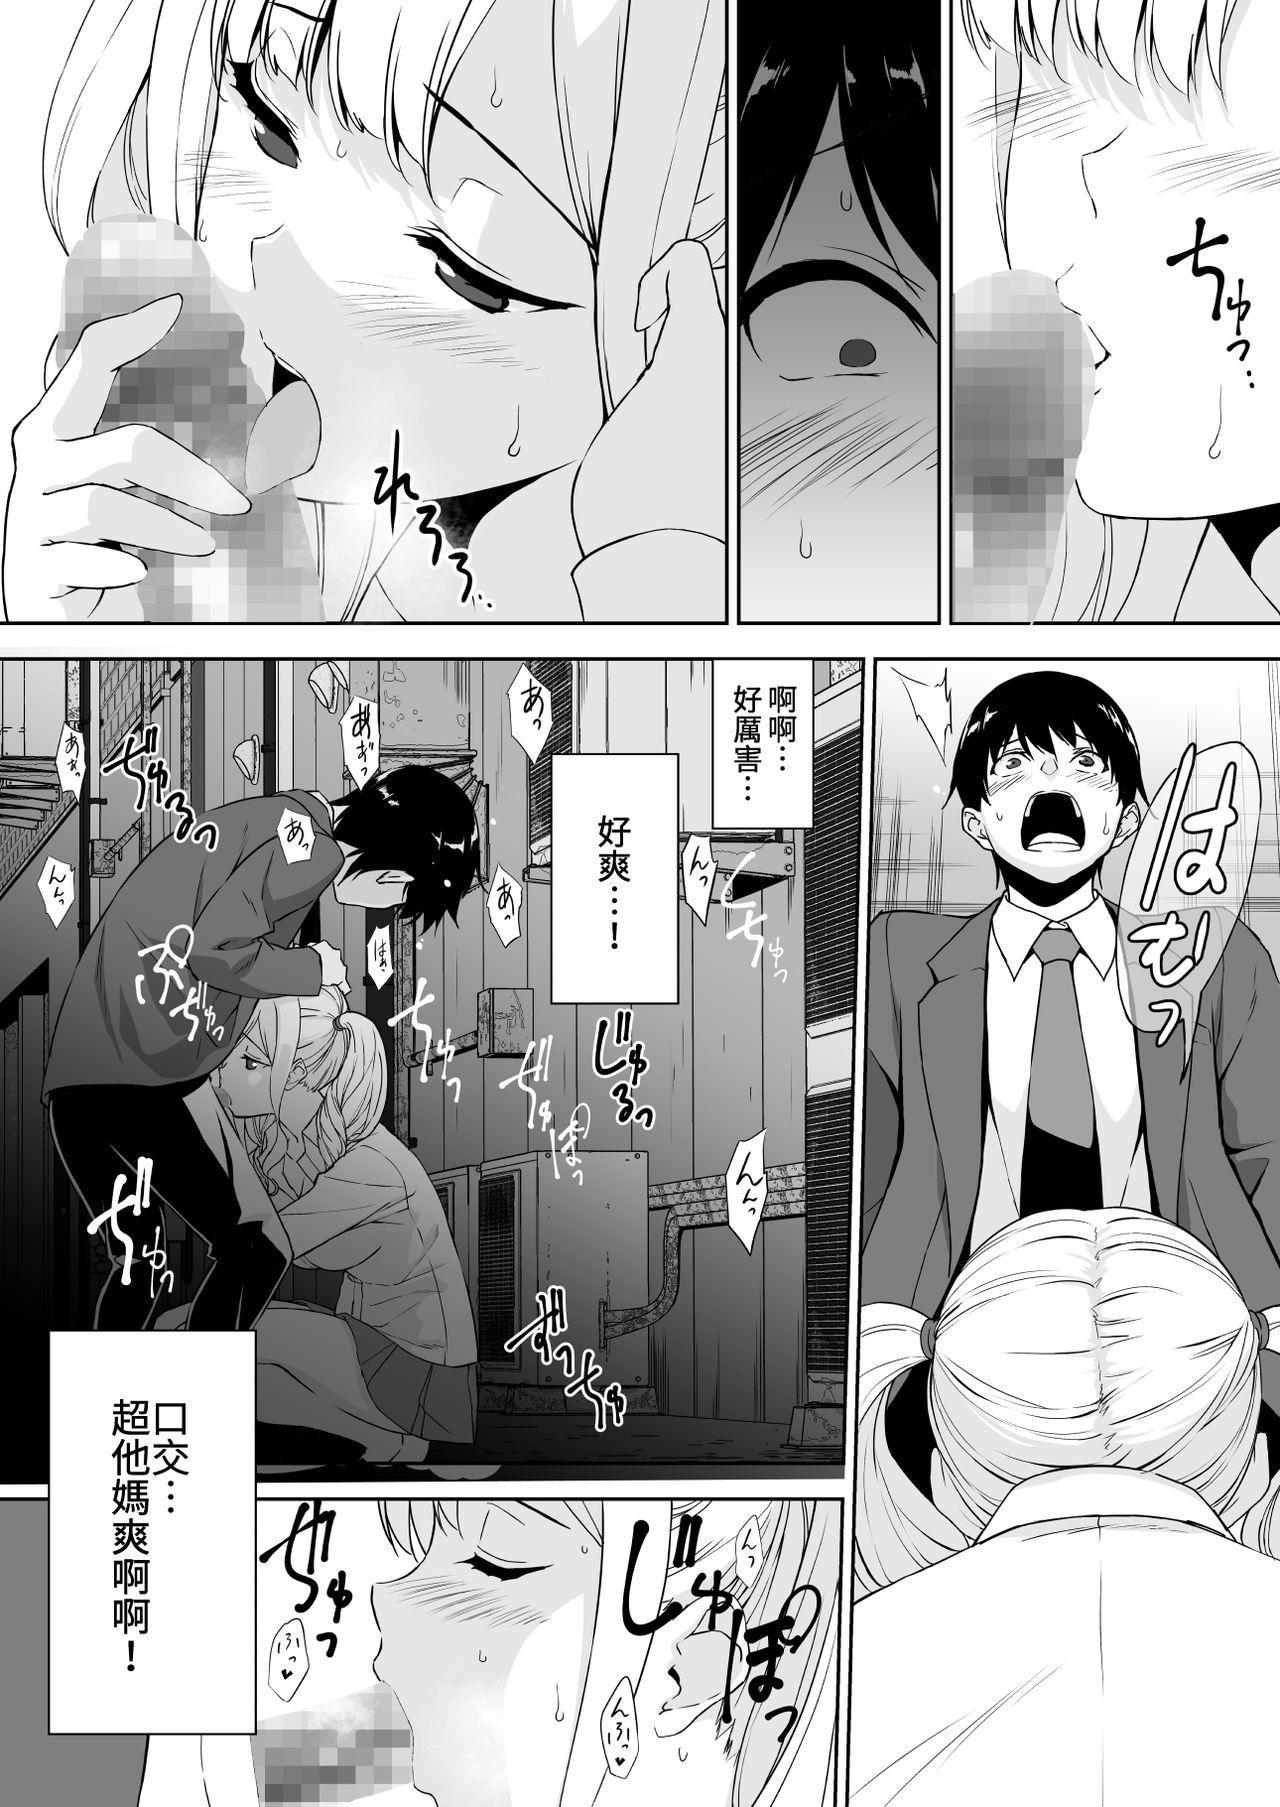 Seiso na Ane ga Suki nanoni Bitch to Sex Shiteru Ore 18